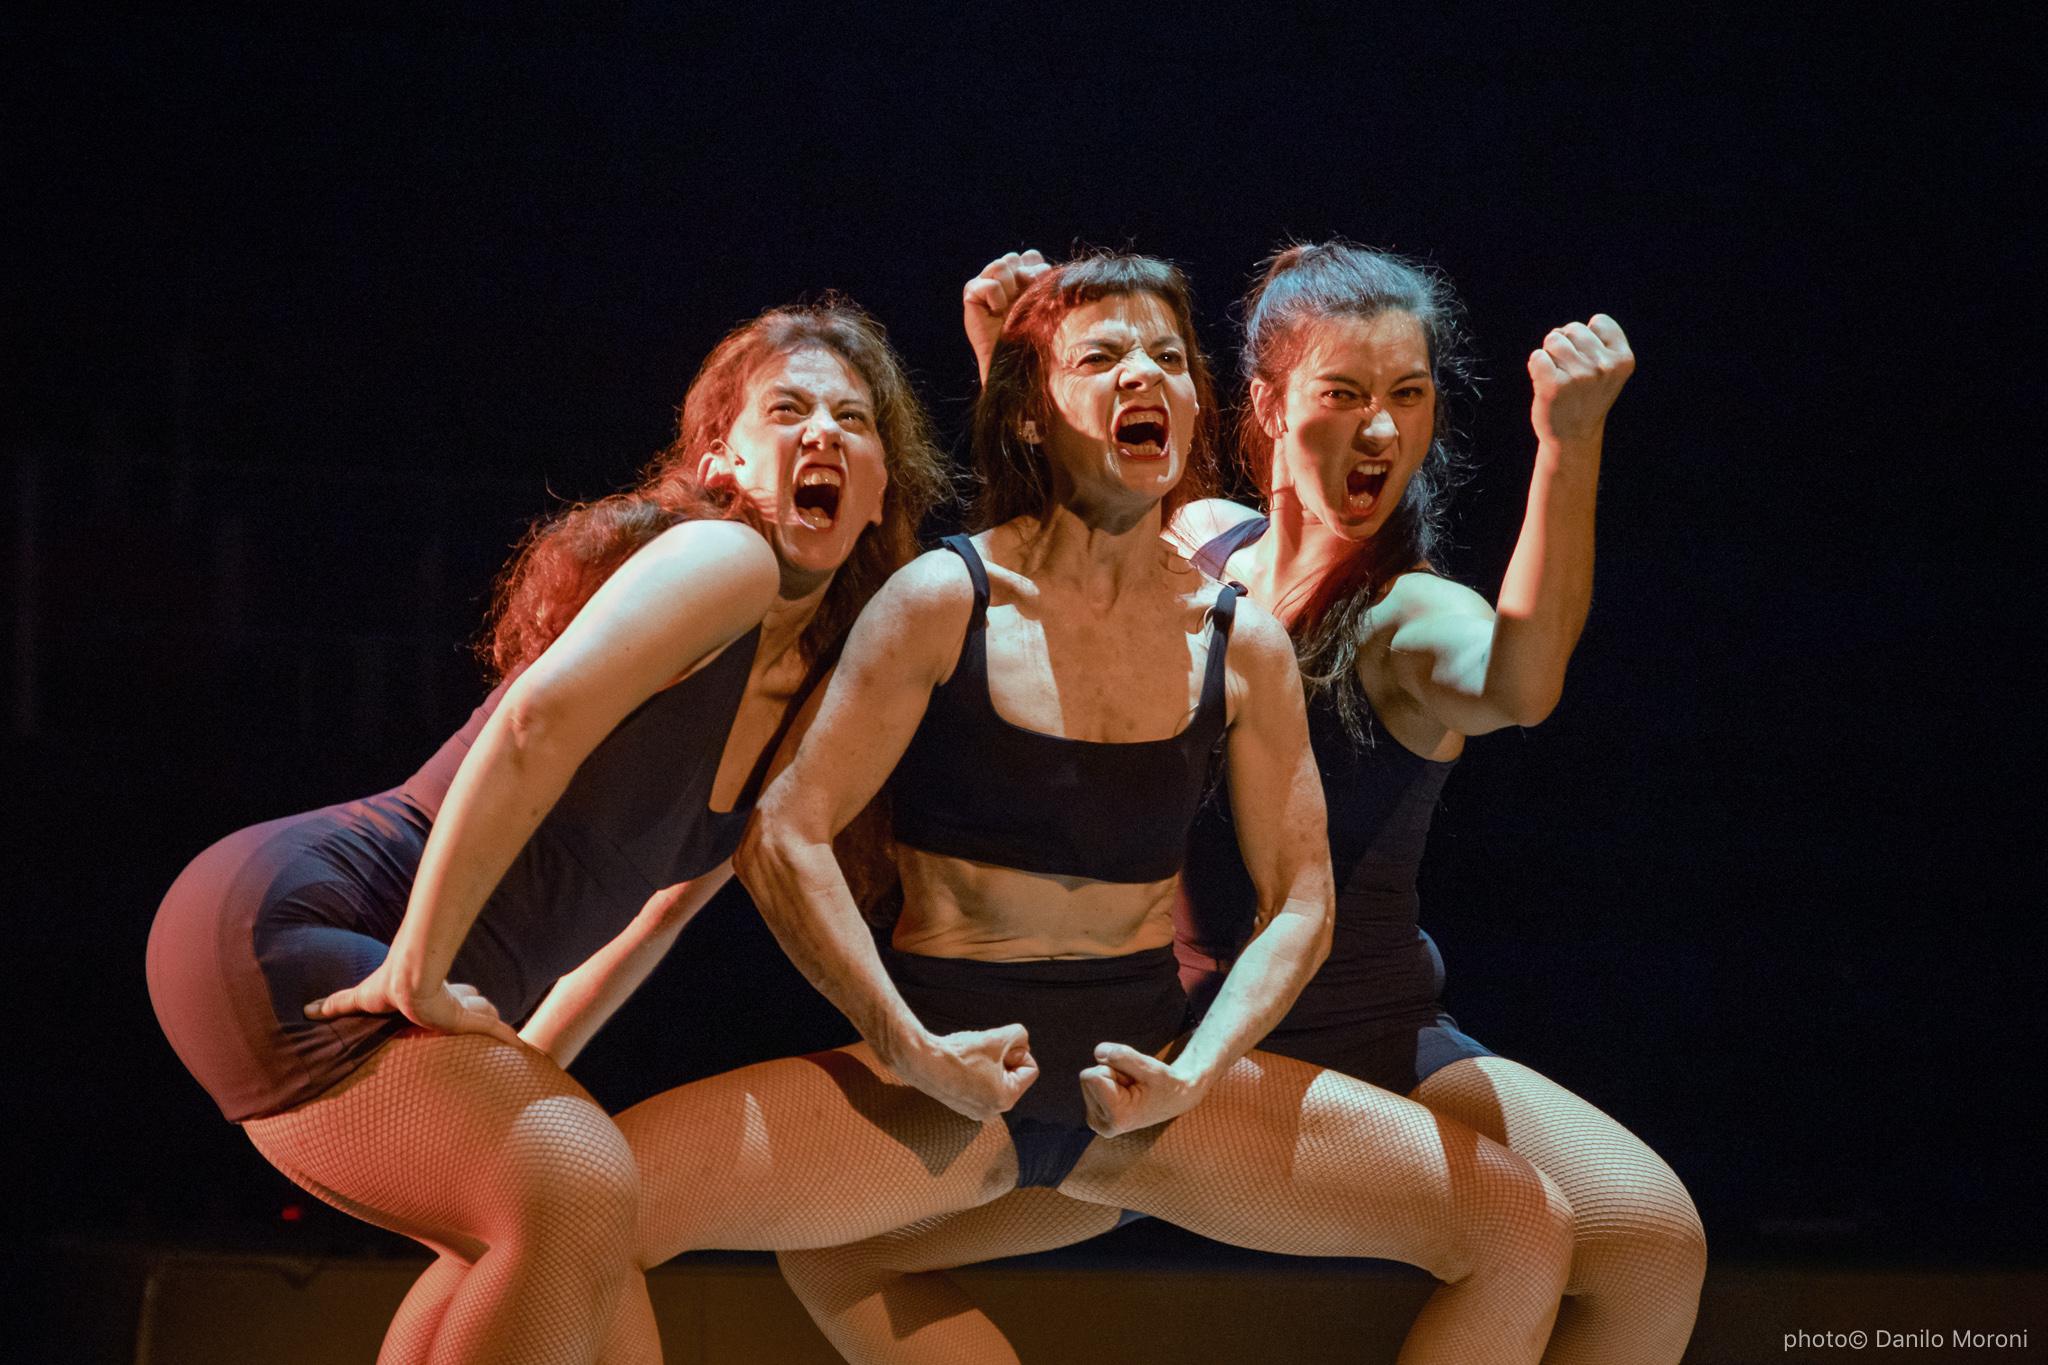 Teatro-en-vilo-Circo-Price-Miss-Mara-photo-Danilo-Moroni-583.jpg